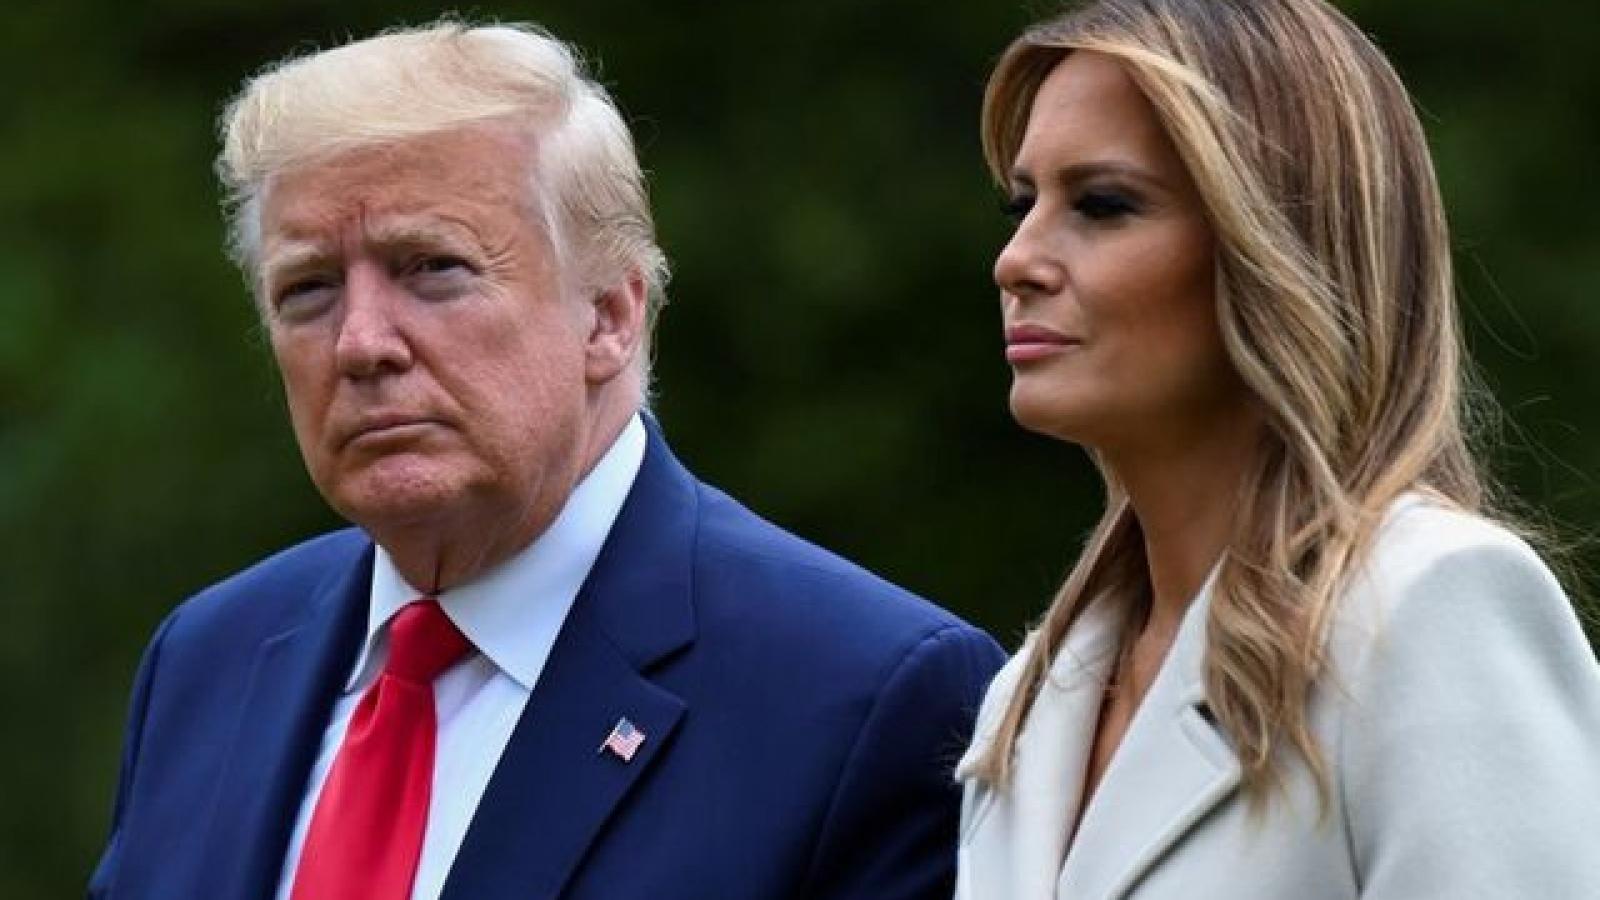 Lãnh đạo thế giới chúc Tổng thống Donald Trump và phu nhân sớm hồi phục